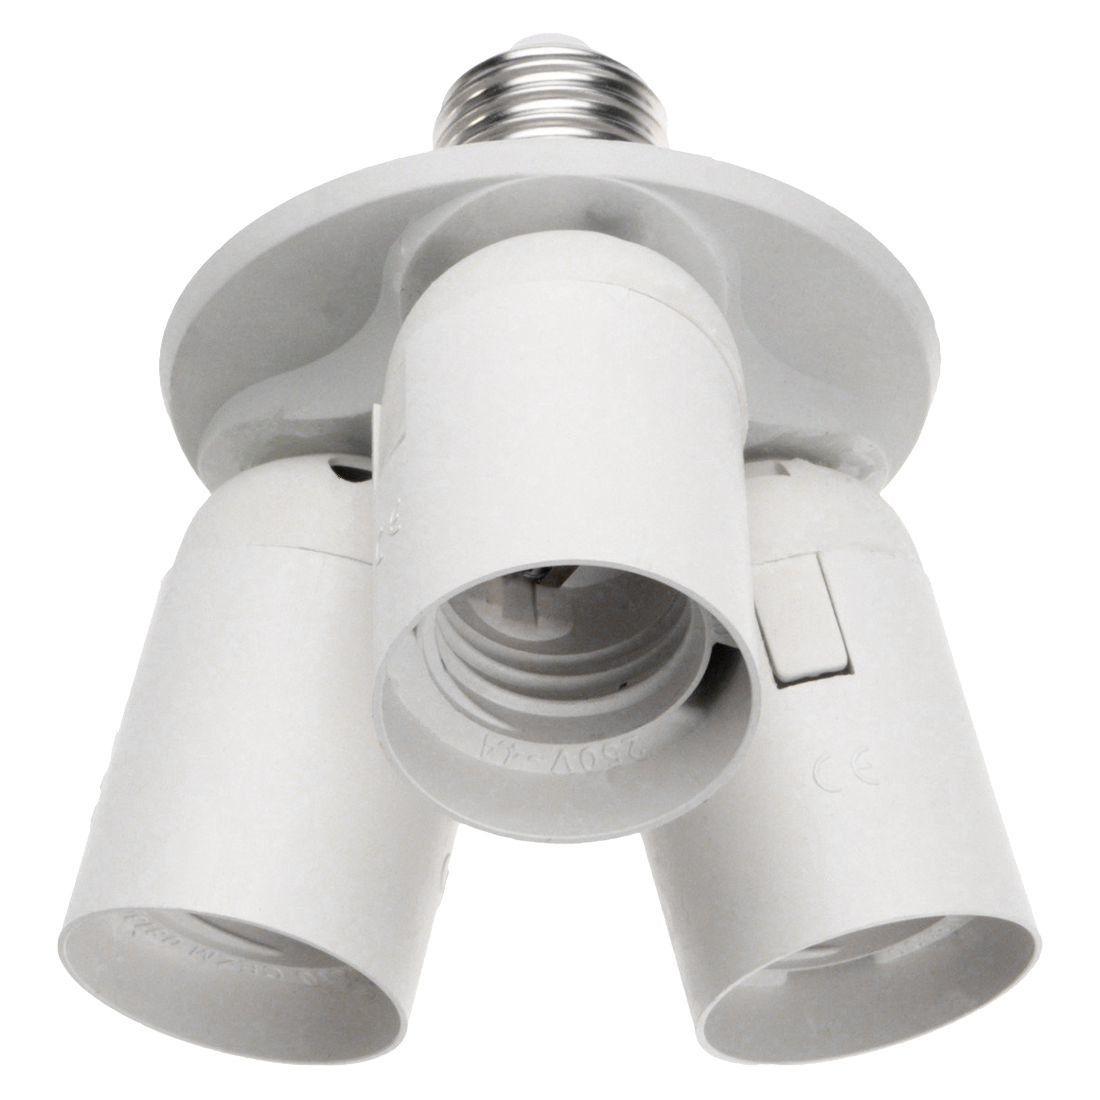 Universe Of Goods Buy 3 To 1 Light Socket E27 Splitter Lamp Base Adapter For Standard Led And Cfl Bulbs Fo Light Bulb Adapter Bulb Adapter Light Bulb Bases